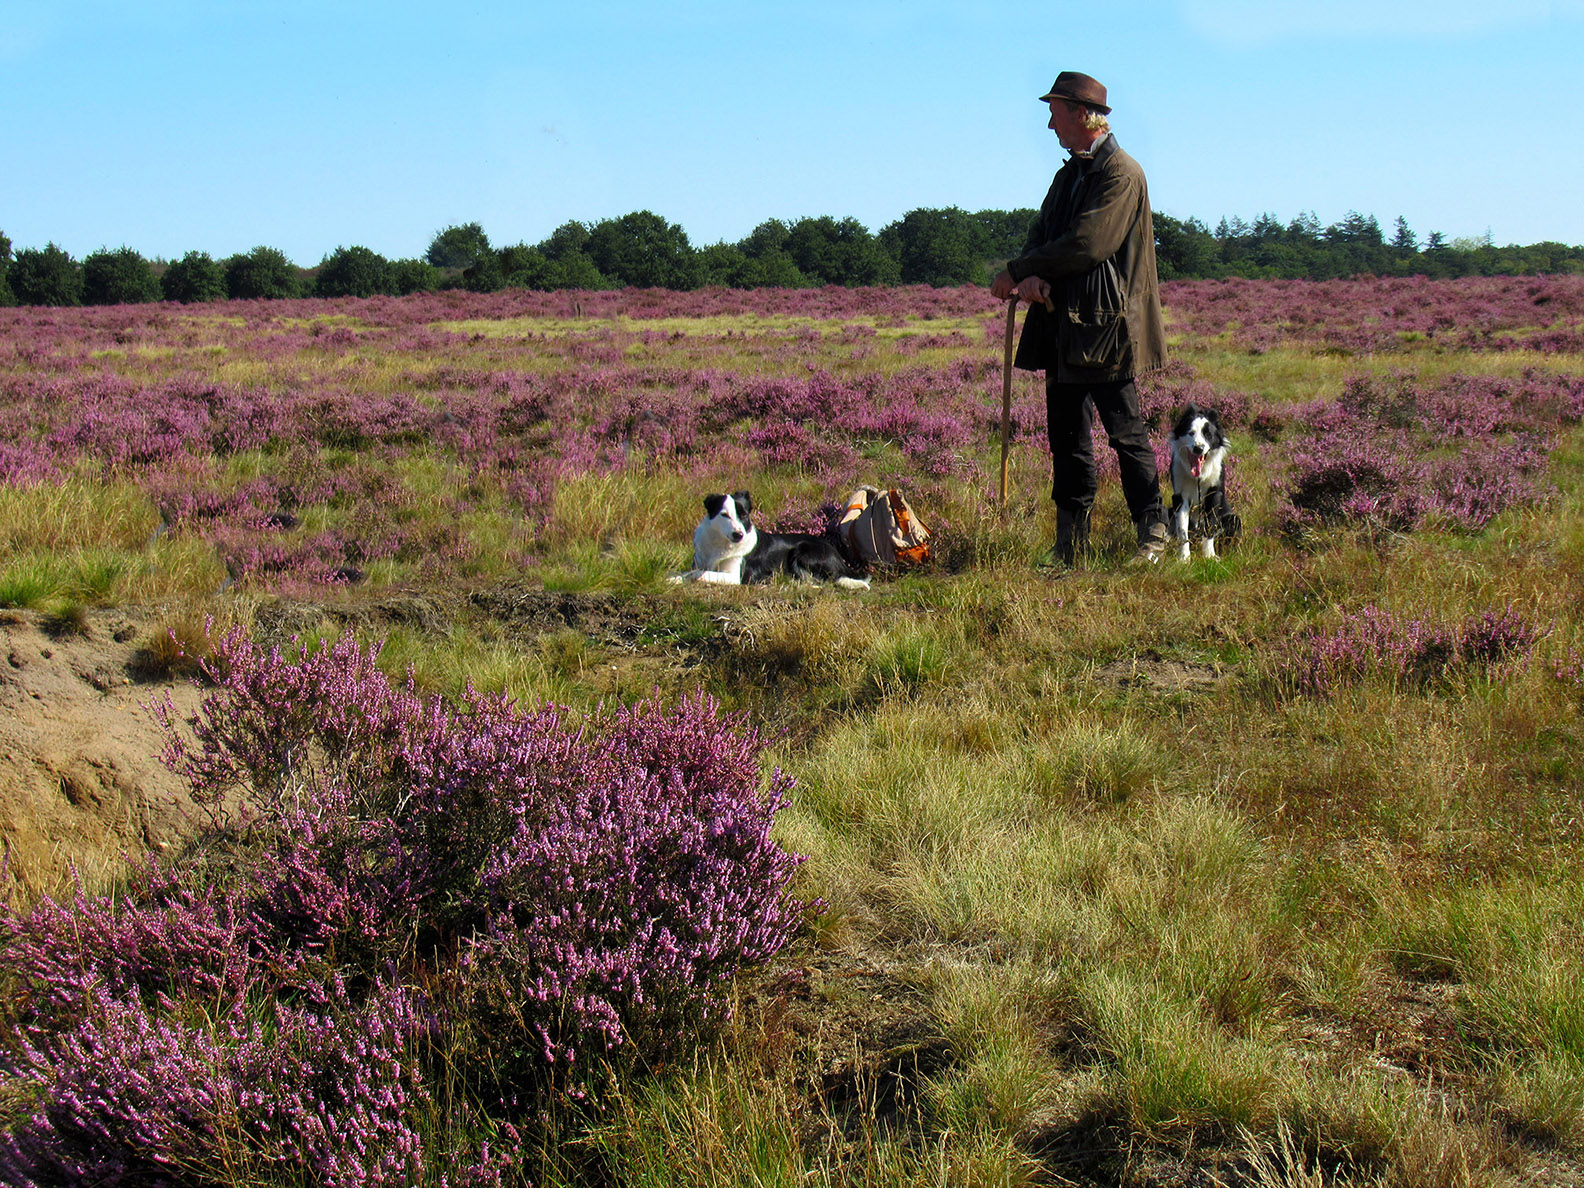 Van een afstand staat Henk de schaapherder met zijn twee honden alles rustig te observeren - Foto: ©Fransien Fraanje